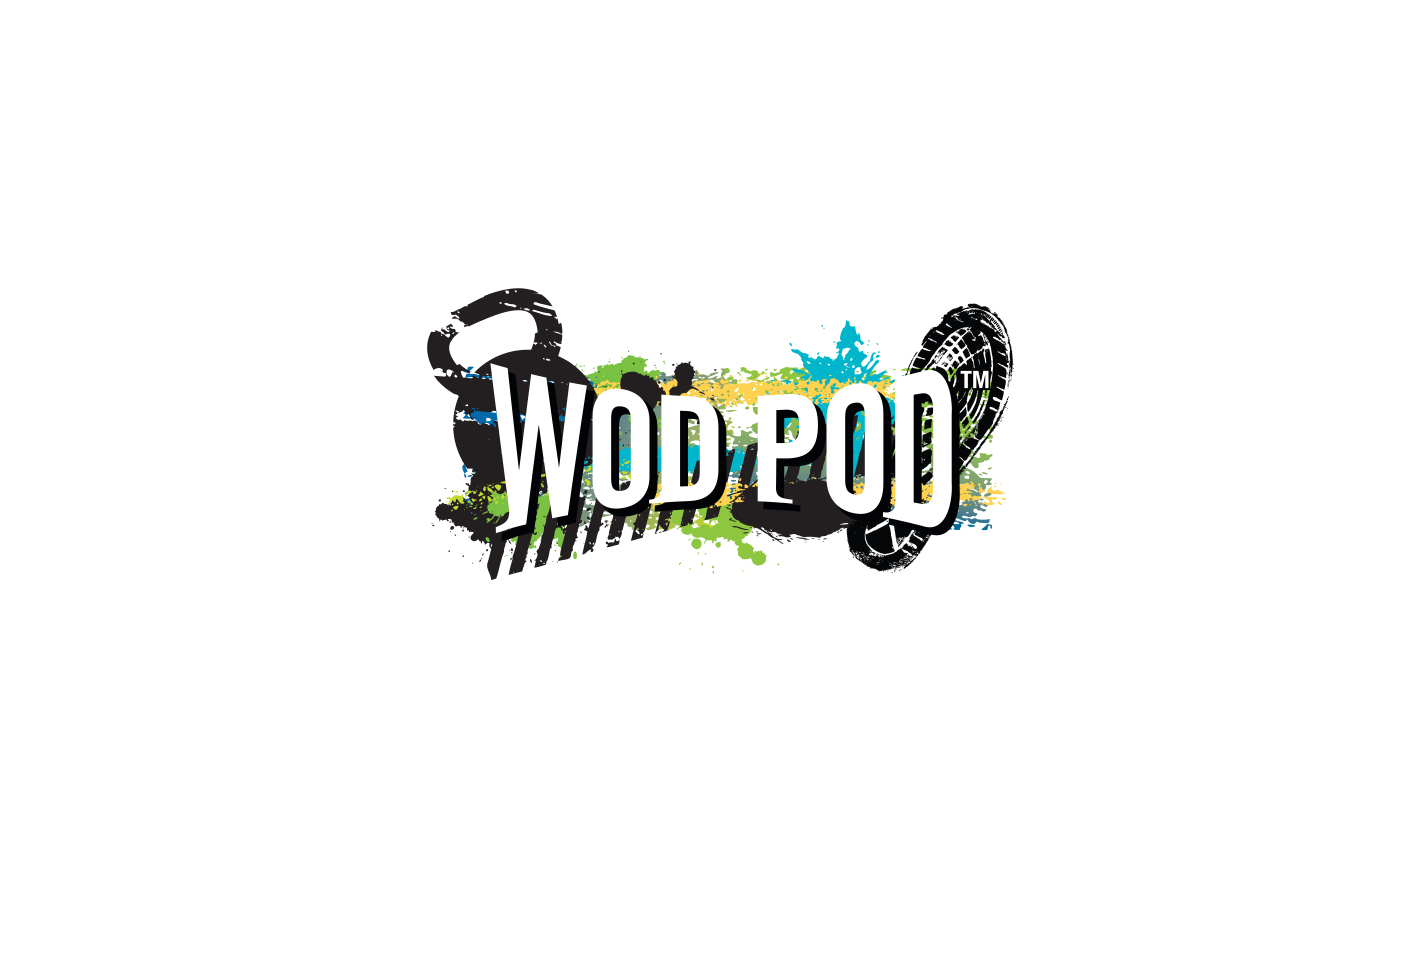 WOD POD_master_1crop.jpg